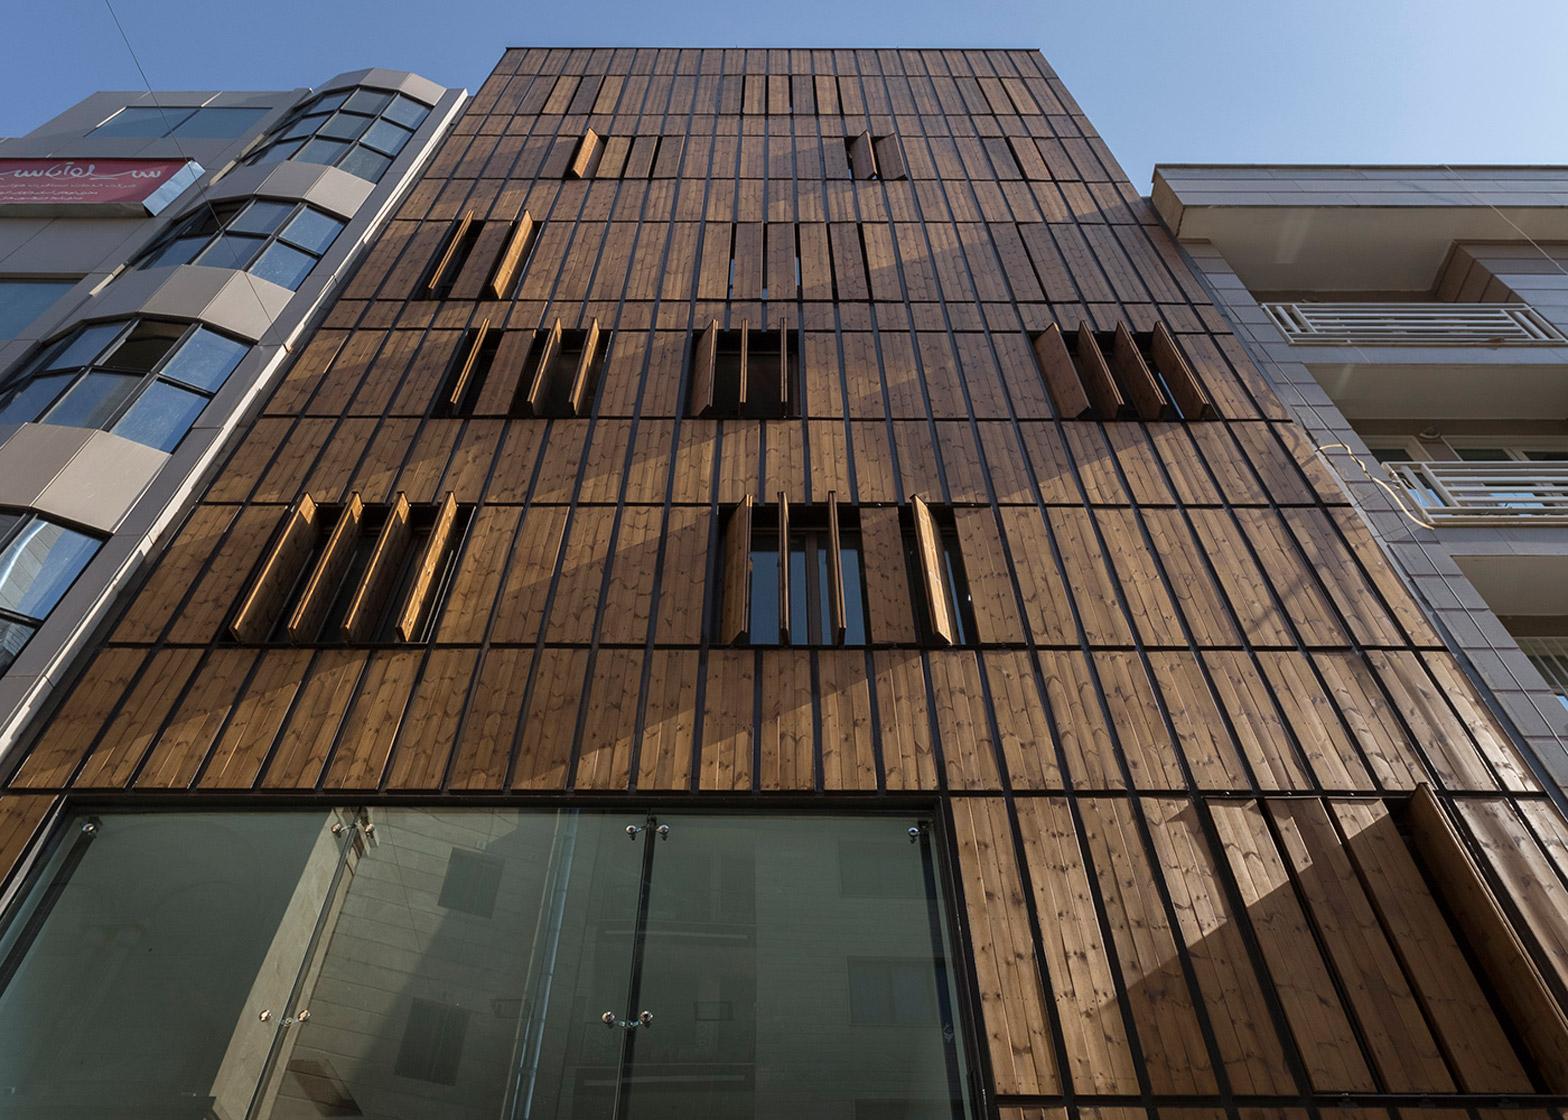 Elevation Reclaimed Wood : نمای چوبی ساختمان های مسکونی با طراحی مدرن و متفاوت